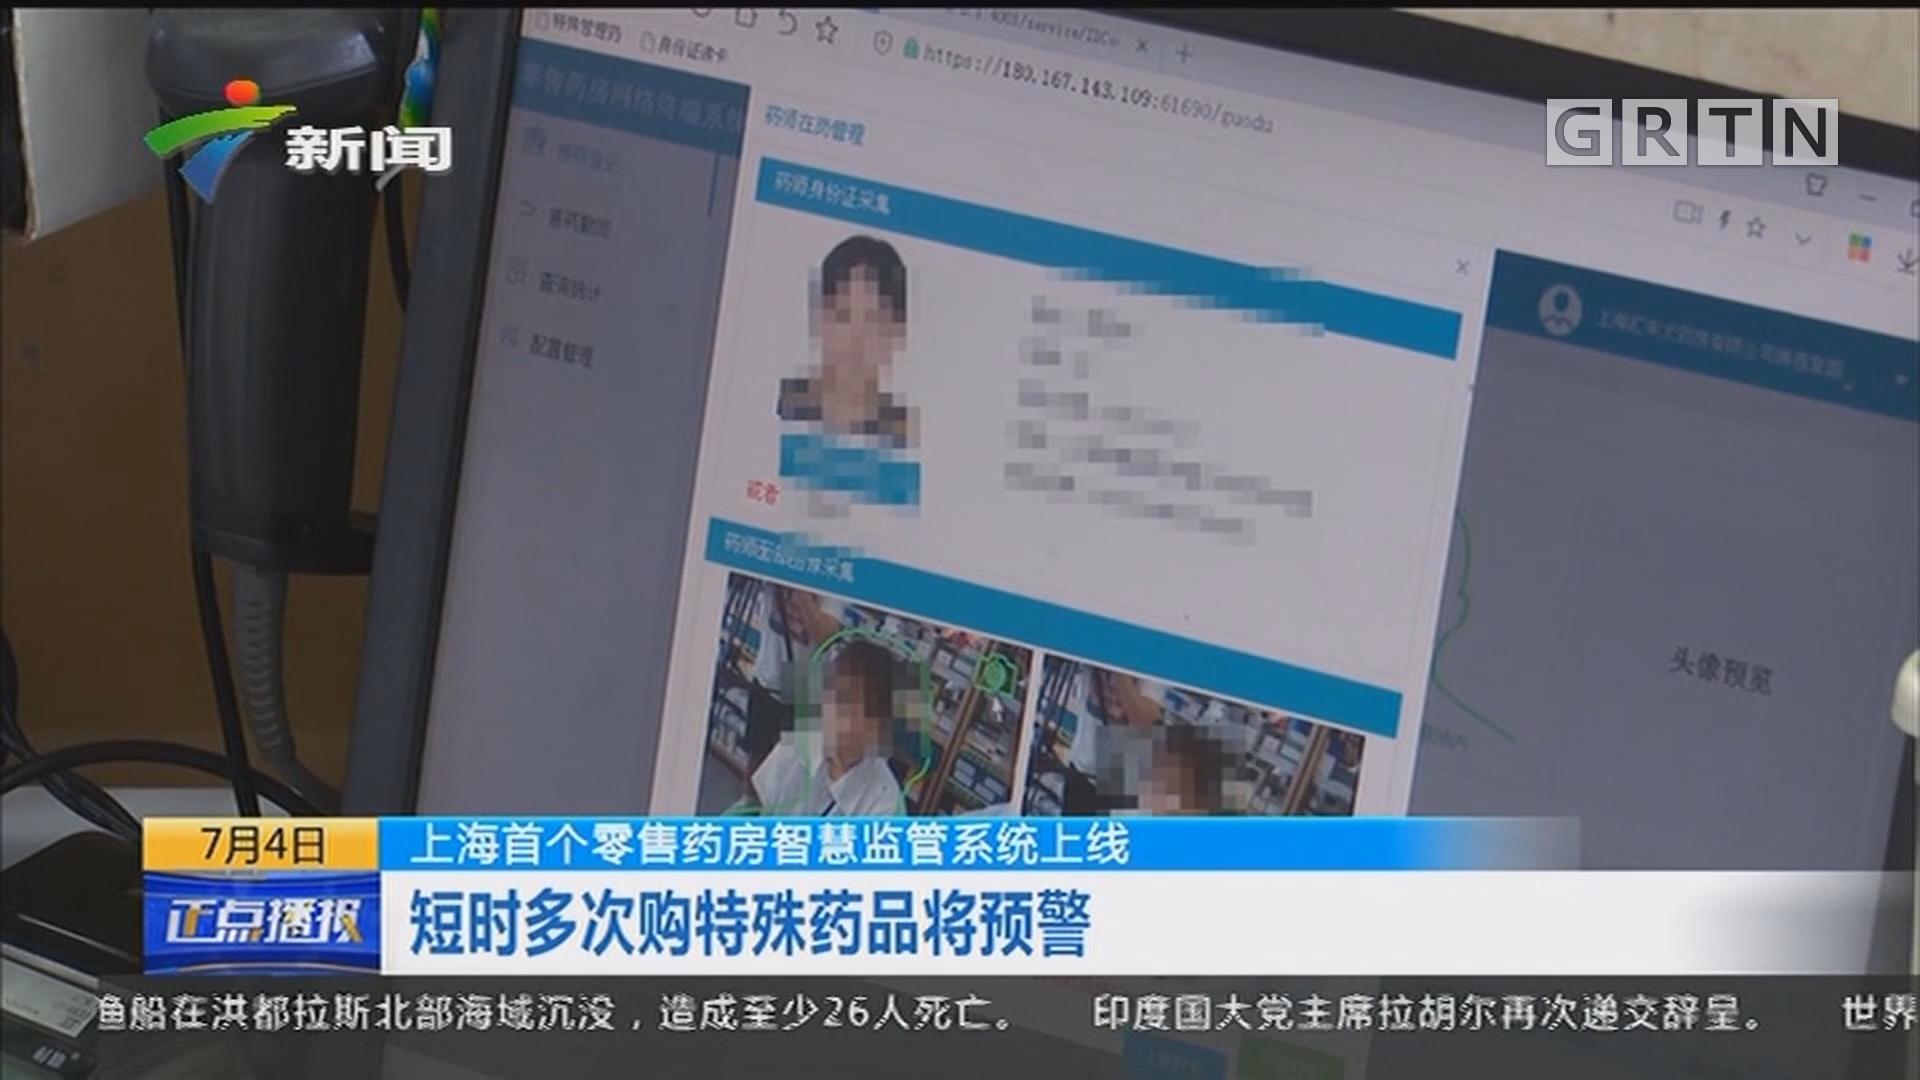 上海首个零售药房智慧监管系统上线:短时多次购特殊药品将预警